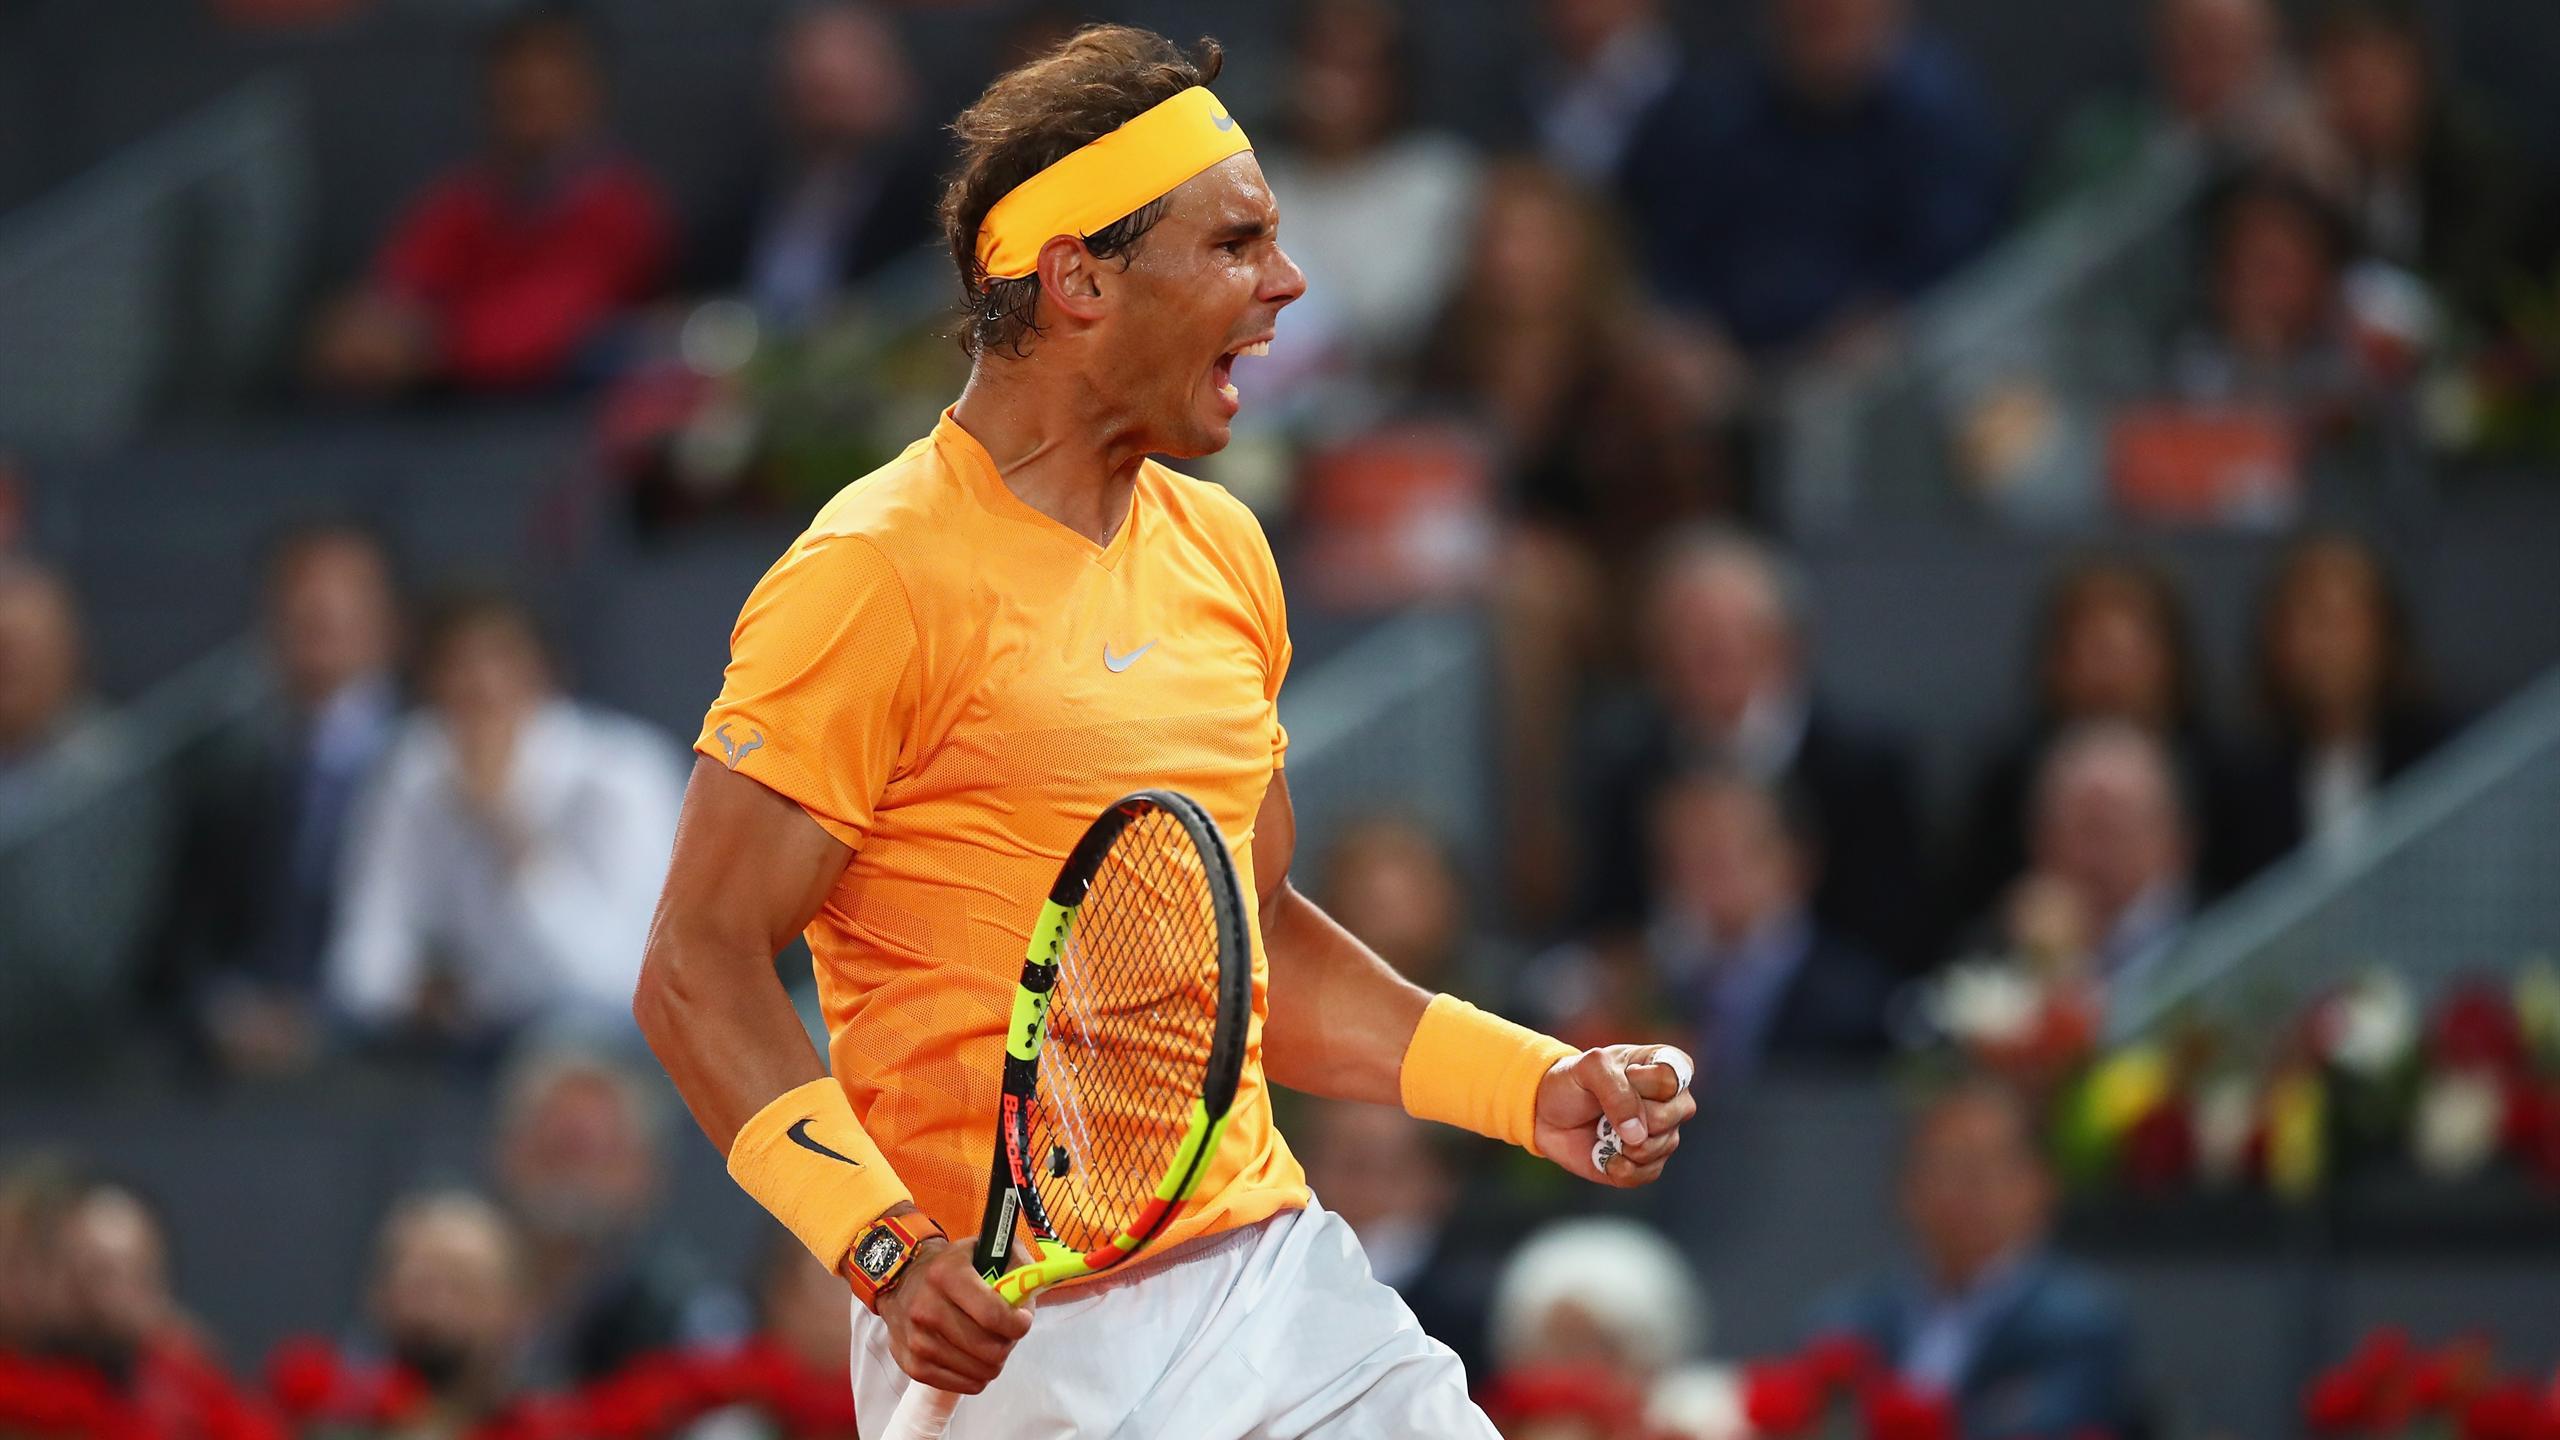 Nadal devra gagner - Eurosport